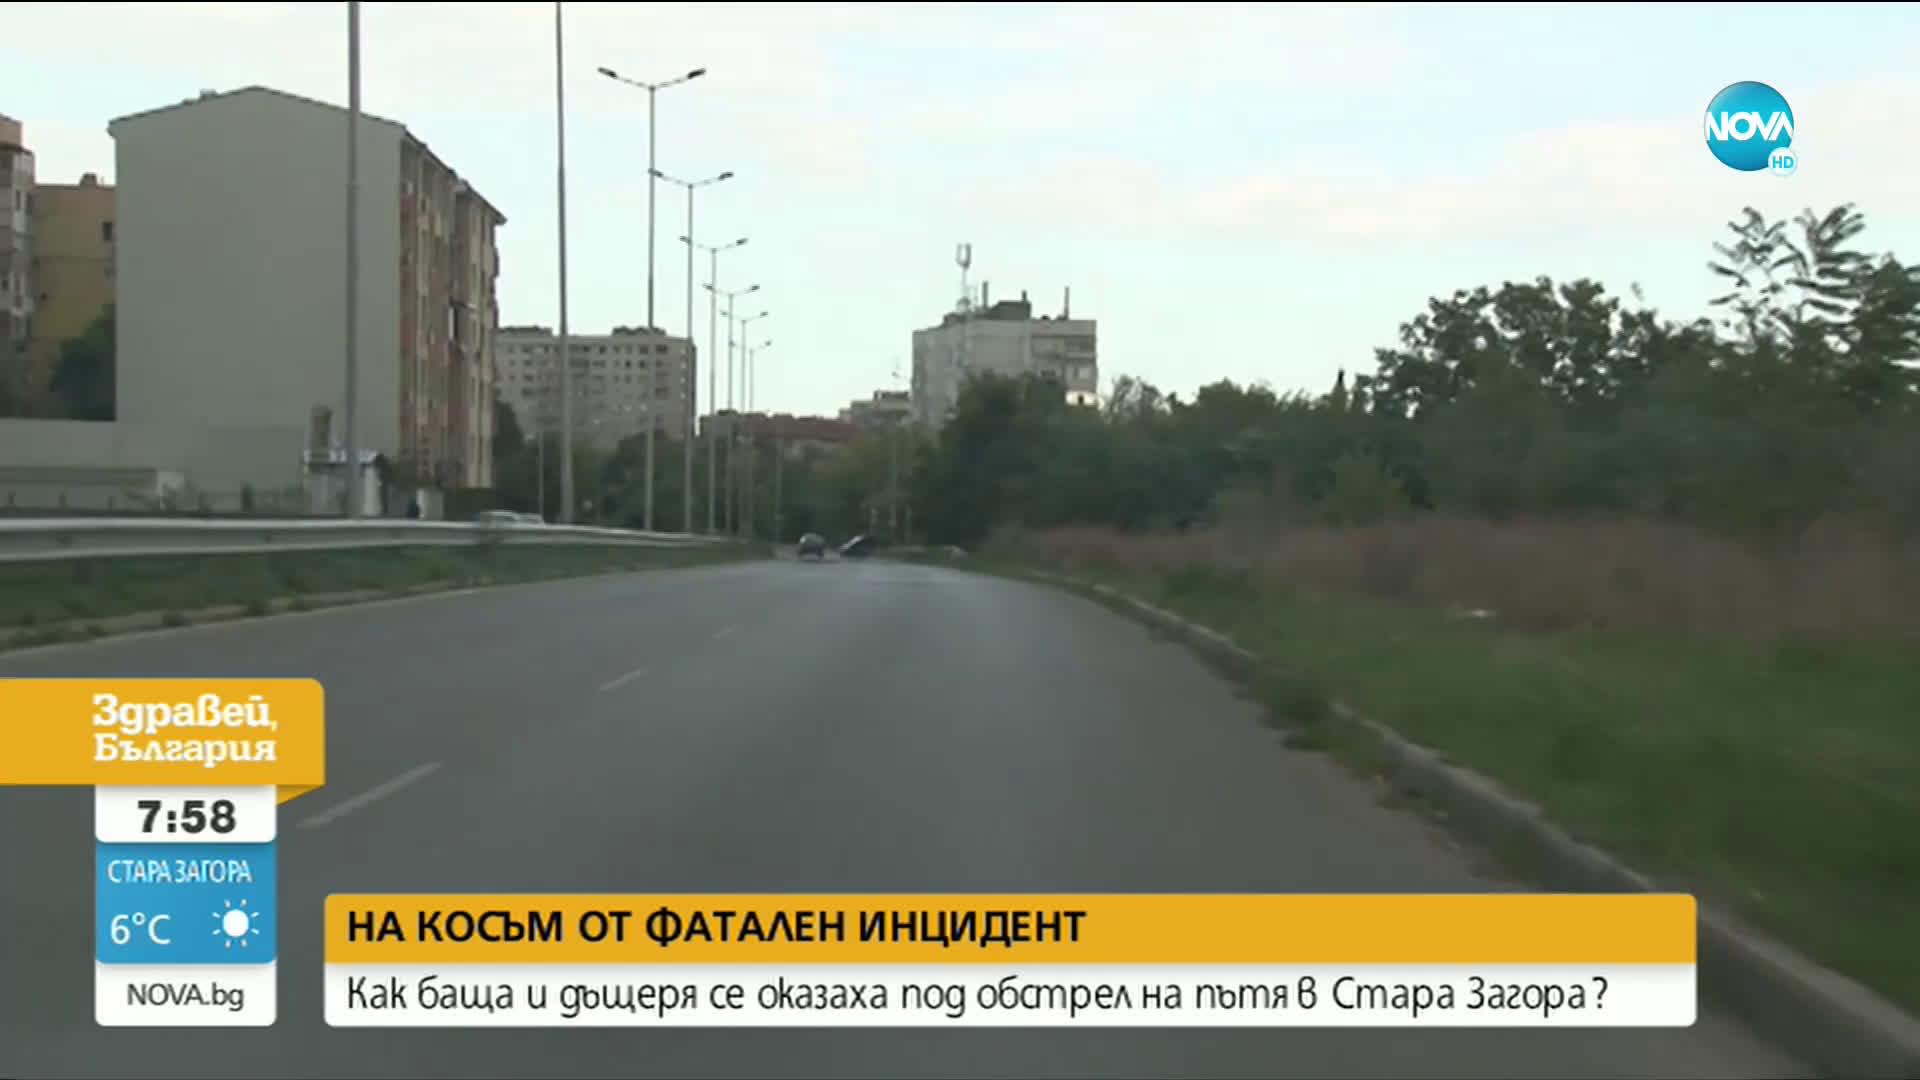 Баща и дъщеря под обстрел на пътя в Стара Загора?